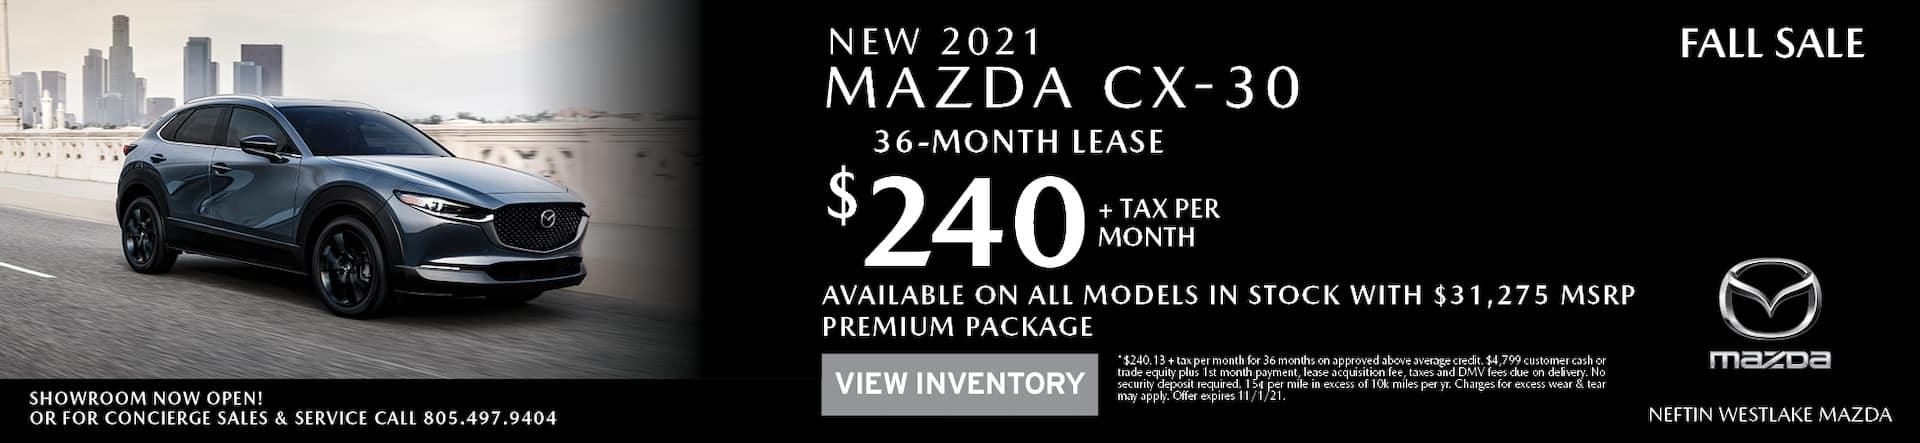 Neftin Westlake Mazda October 2021 CX-30 Lease Offer